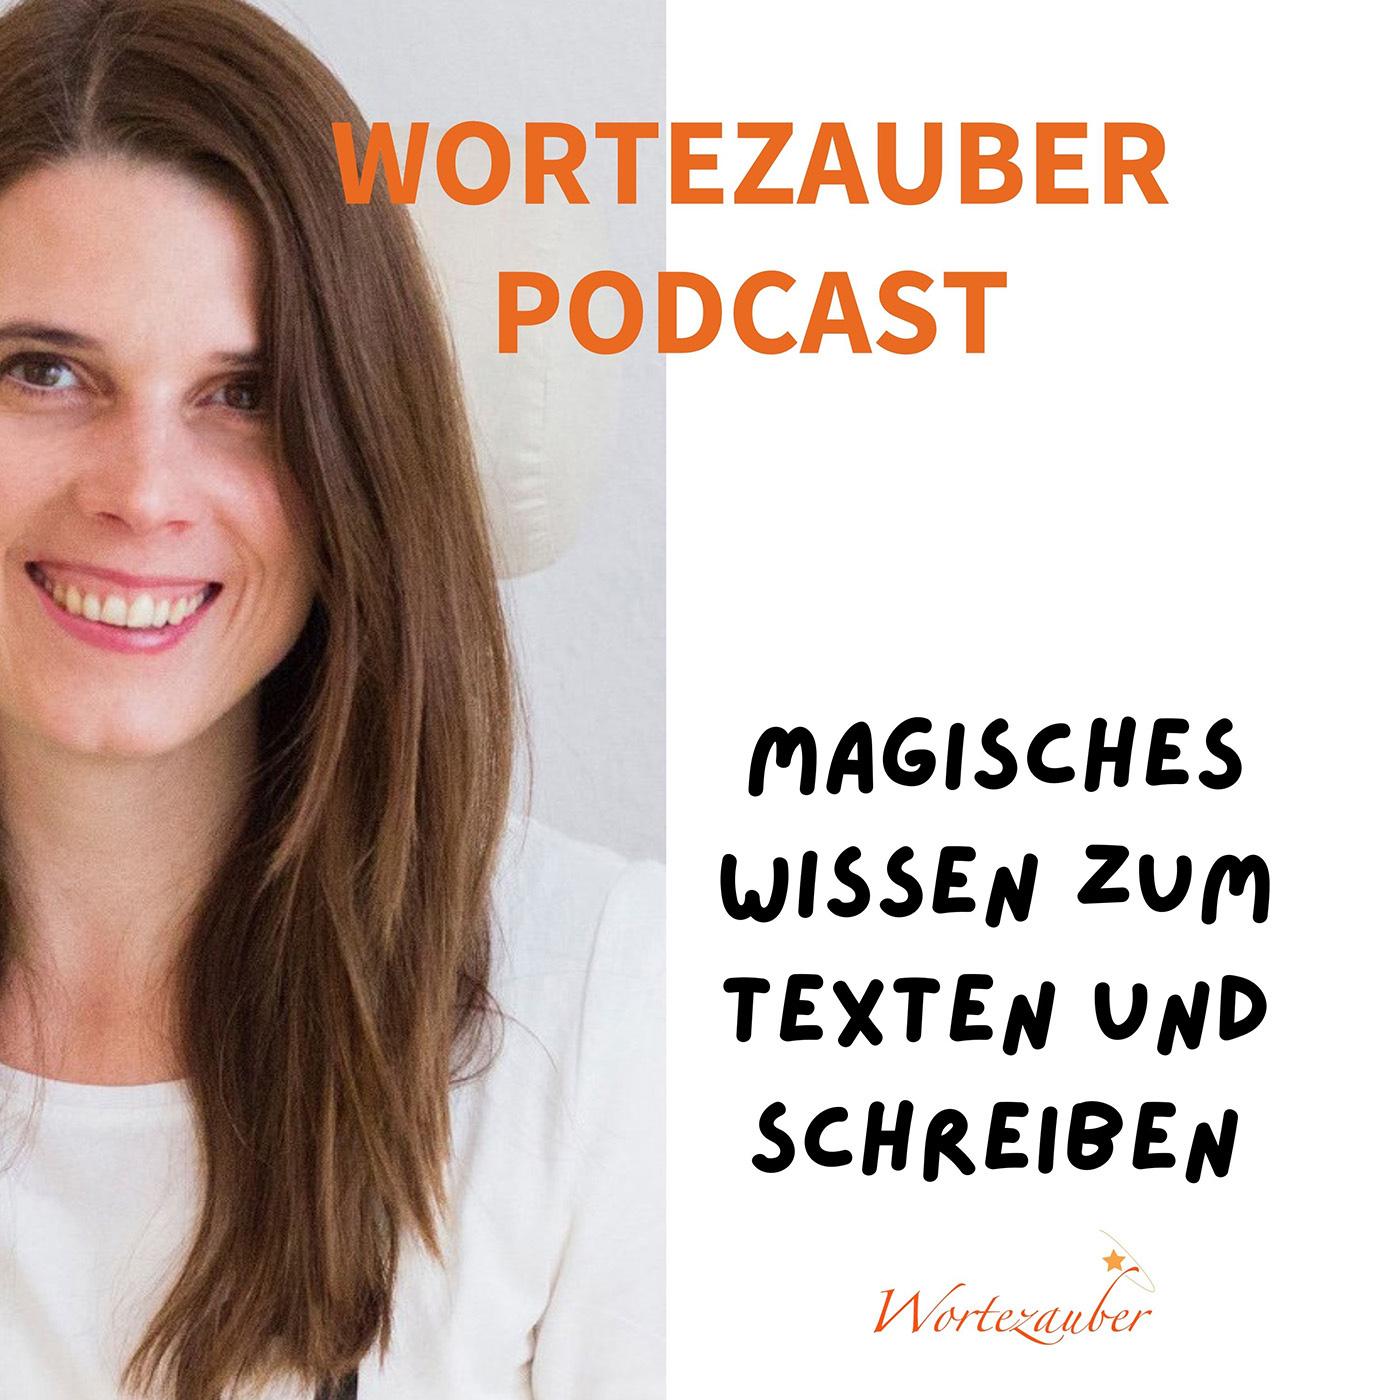 Wortezauber Podcast Cover mit Rohita Bruckmann